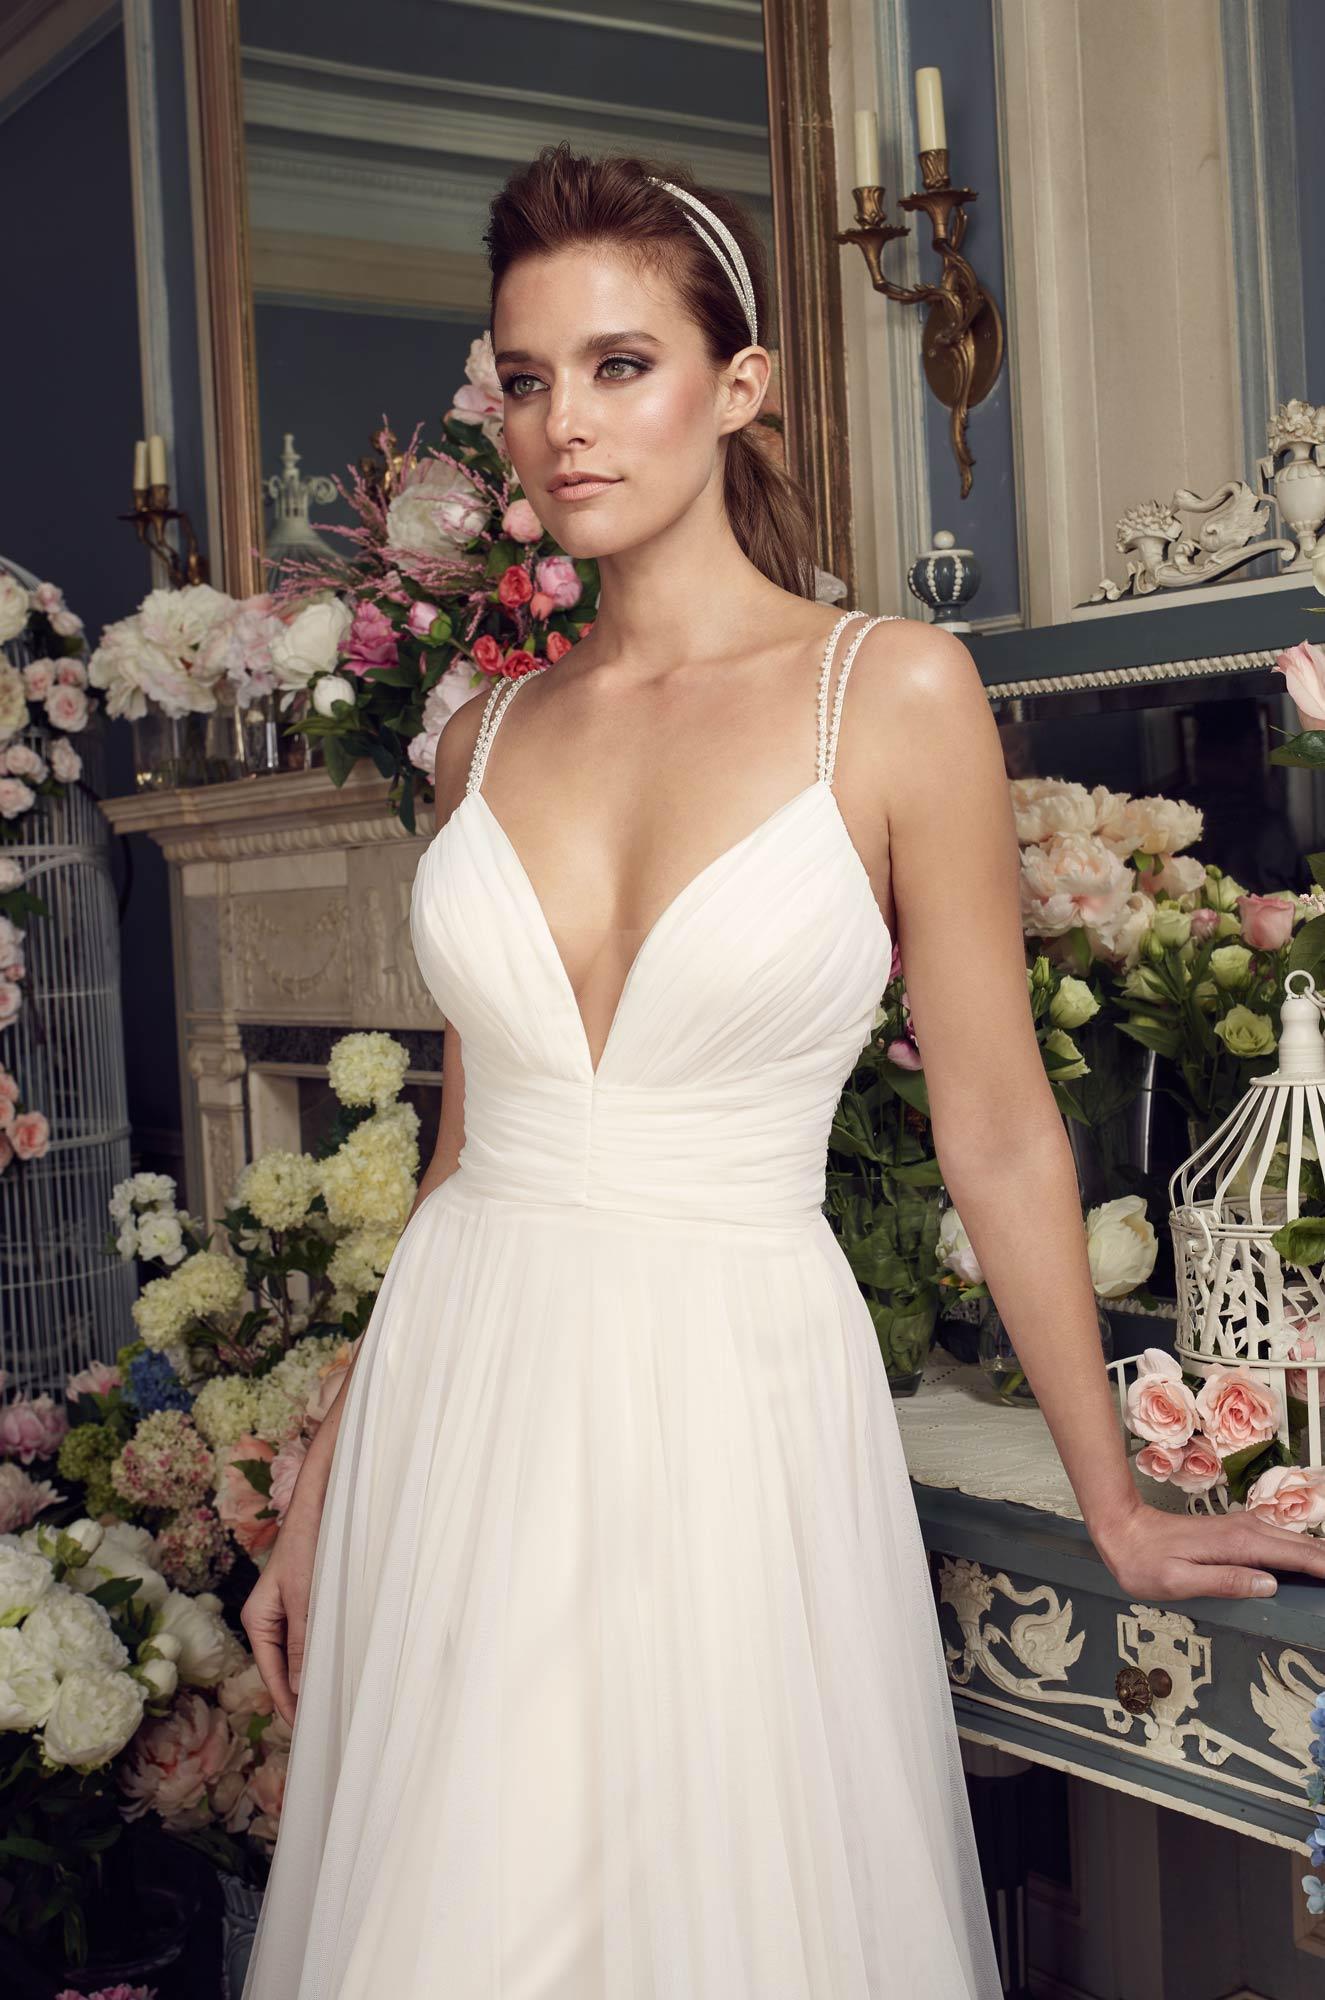 Gathered Tulle Wedding Dress - Style #2155